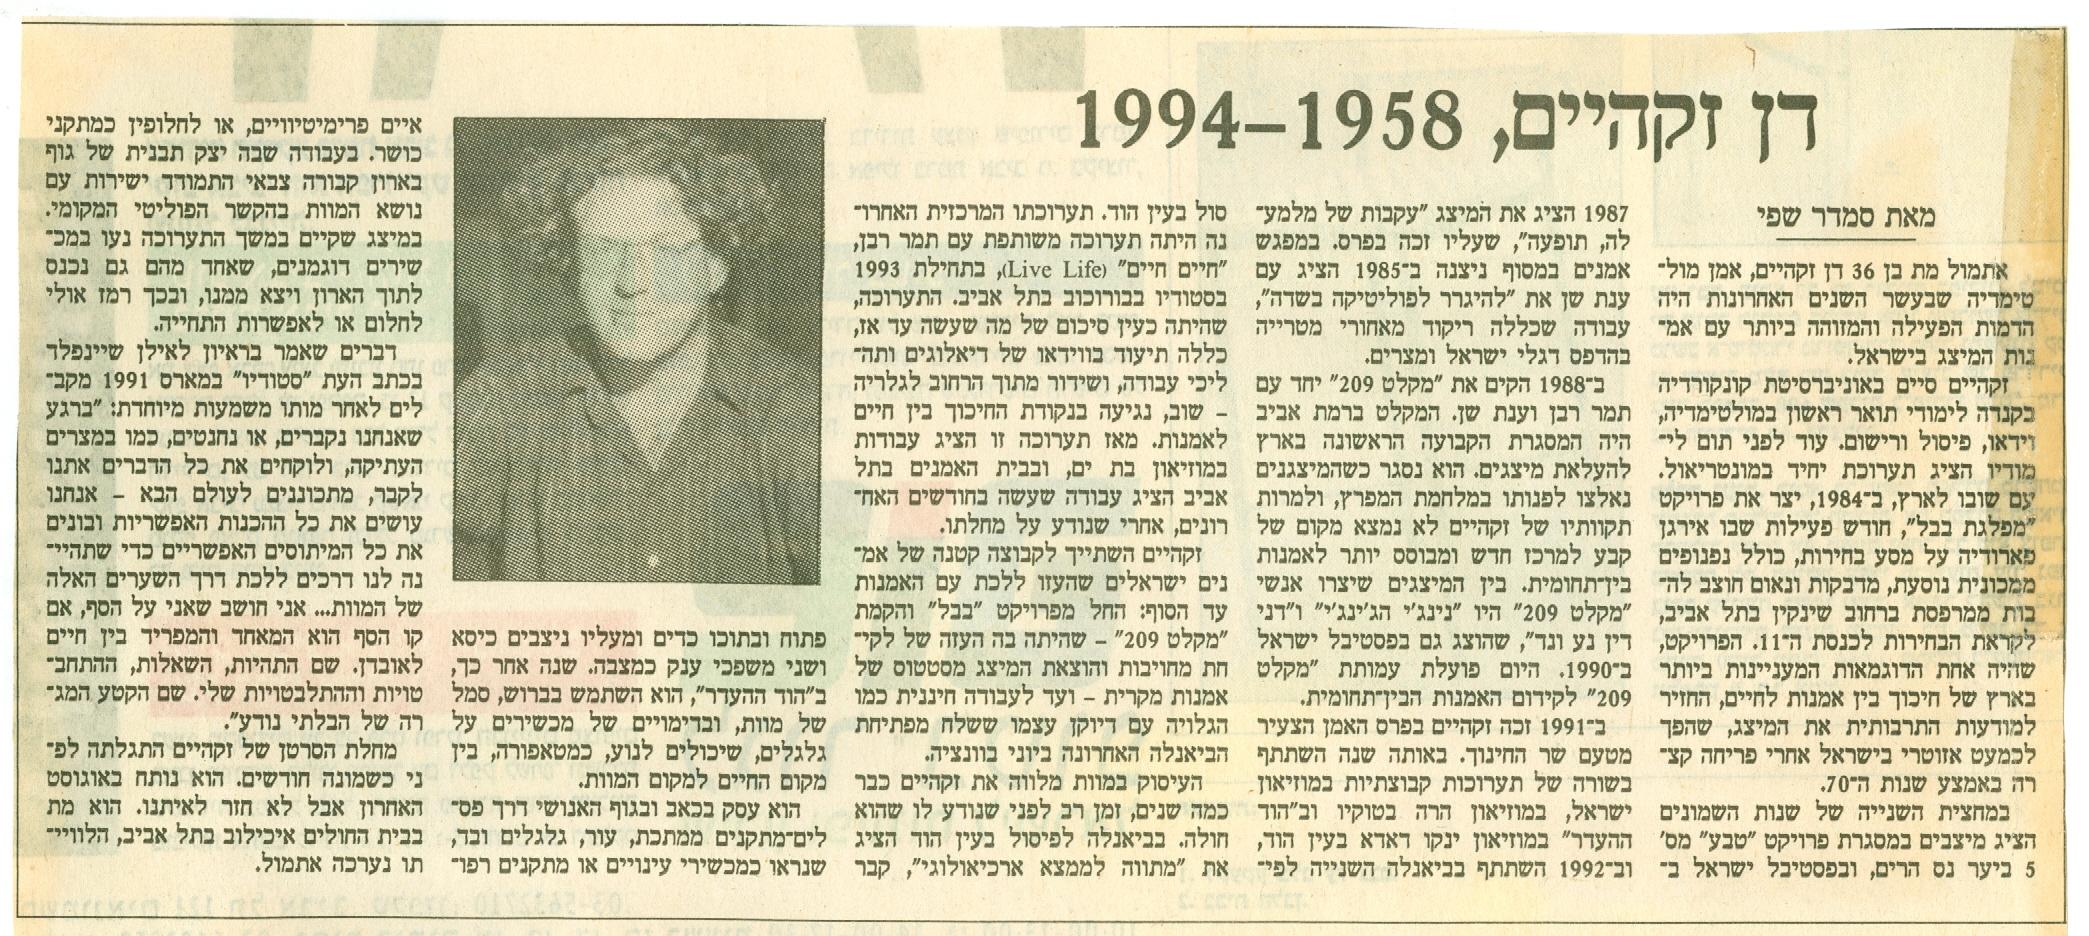 94.23.02. Ha'aretz. Smadar Shefi